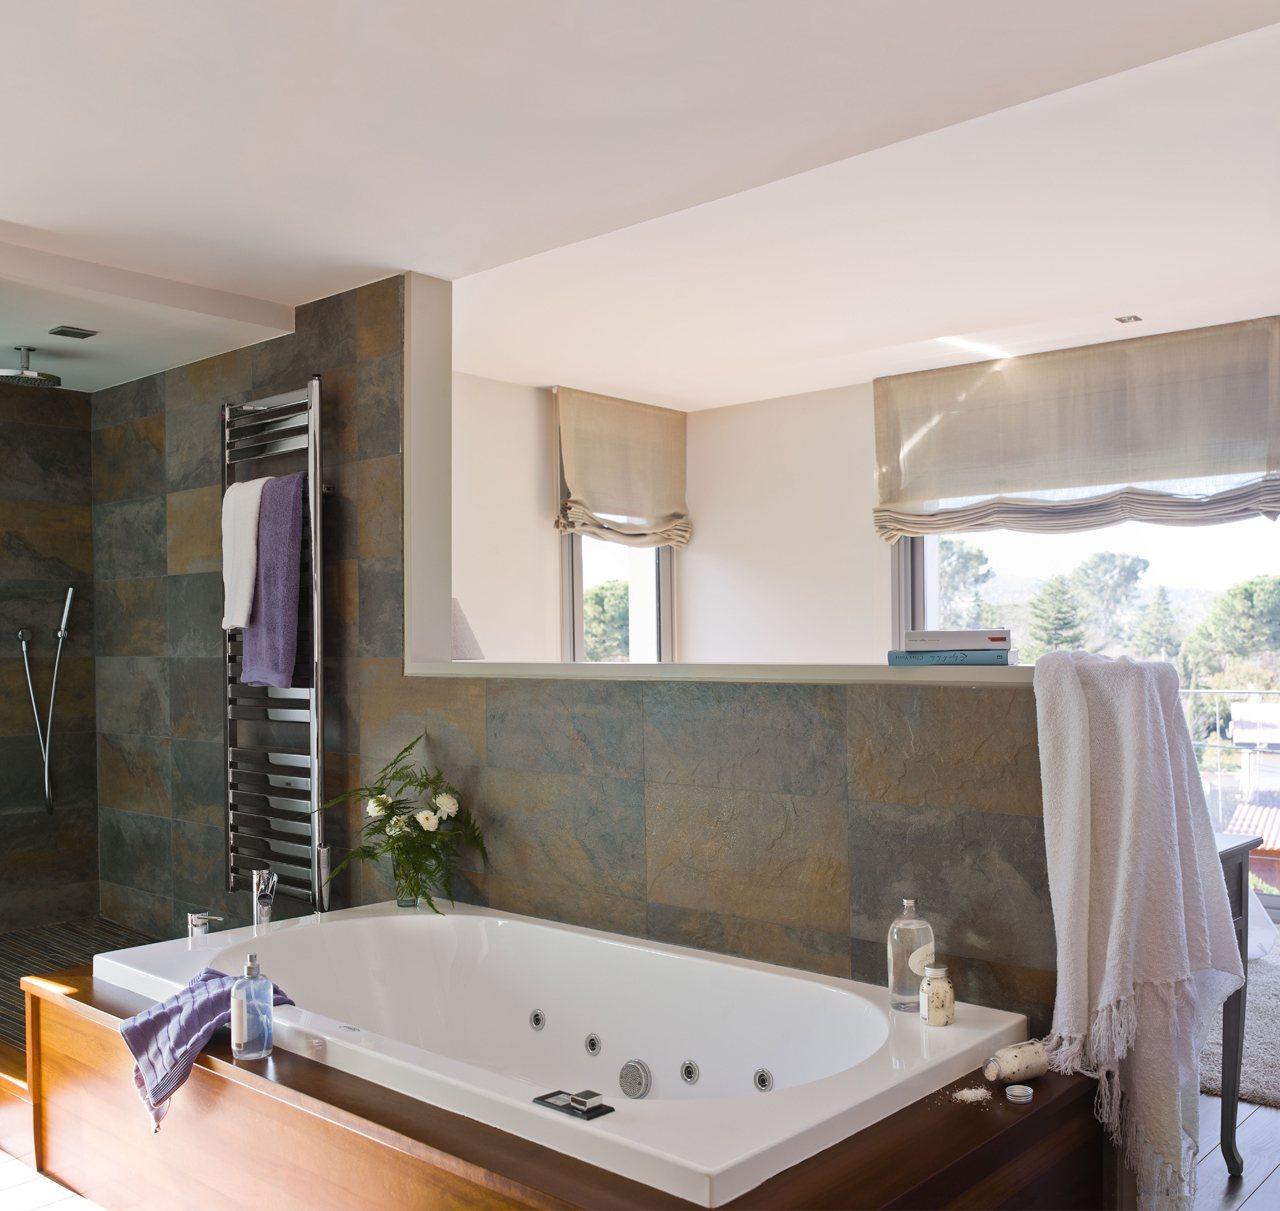 Un baño abierto y muy luminoso tras el cabecero #A76824 1280 1211